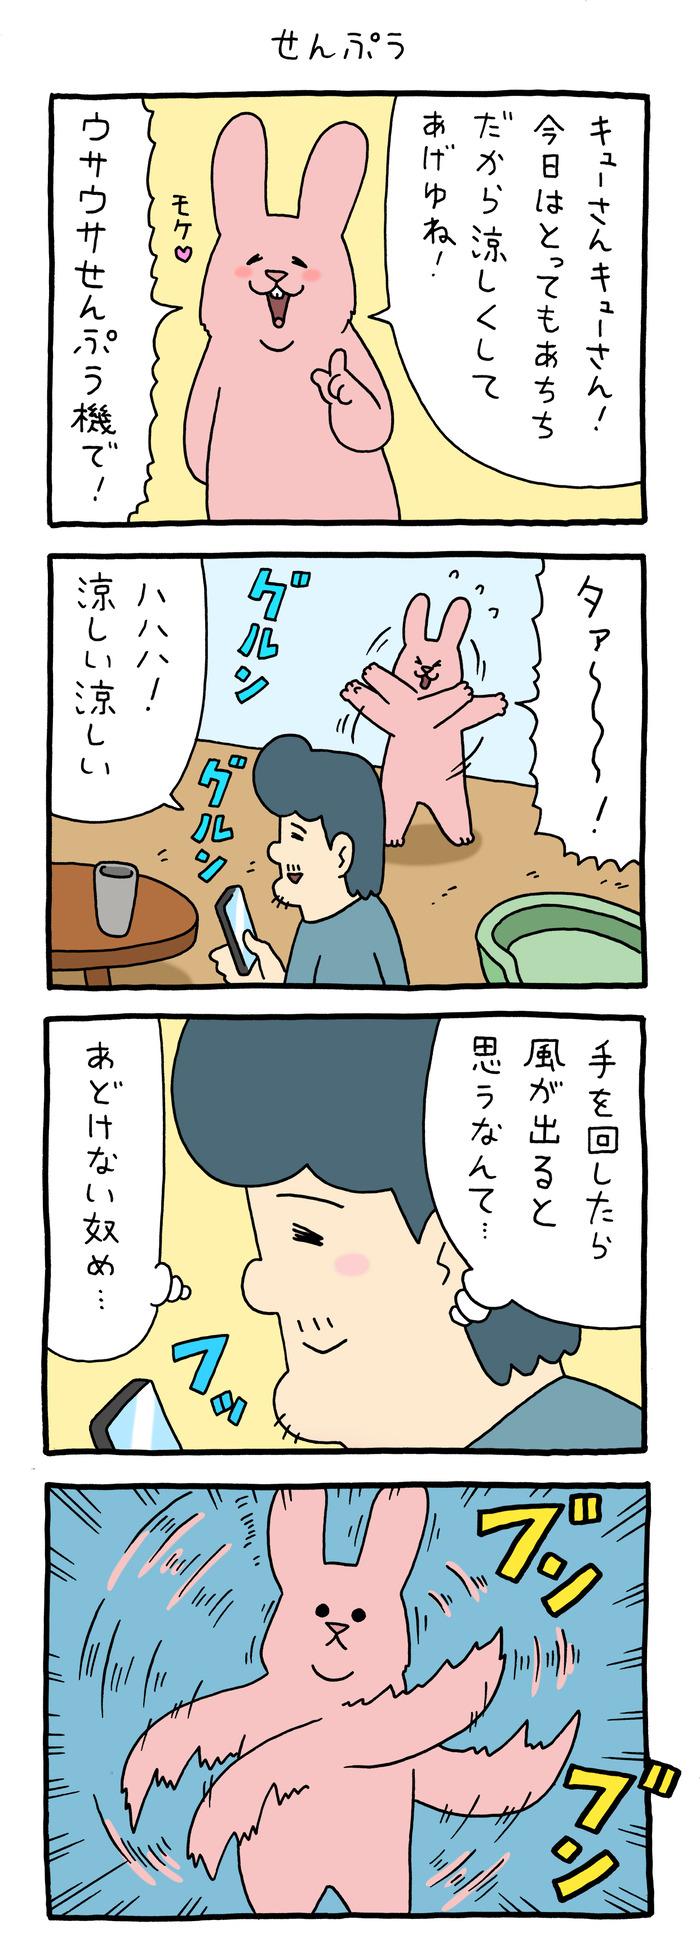 スキウサギ せんぷう1 のコピー